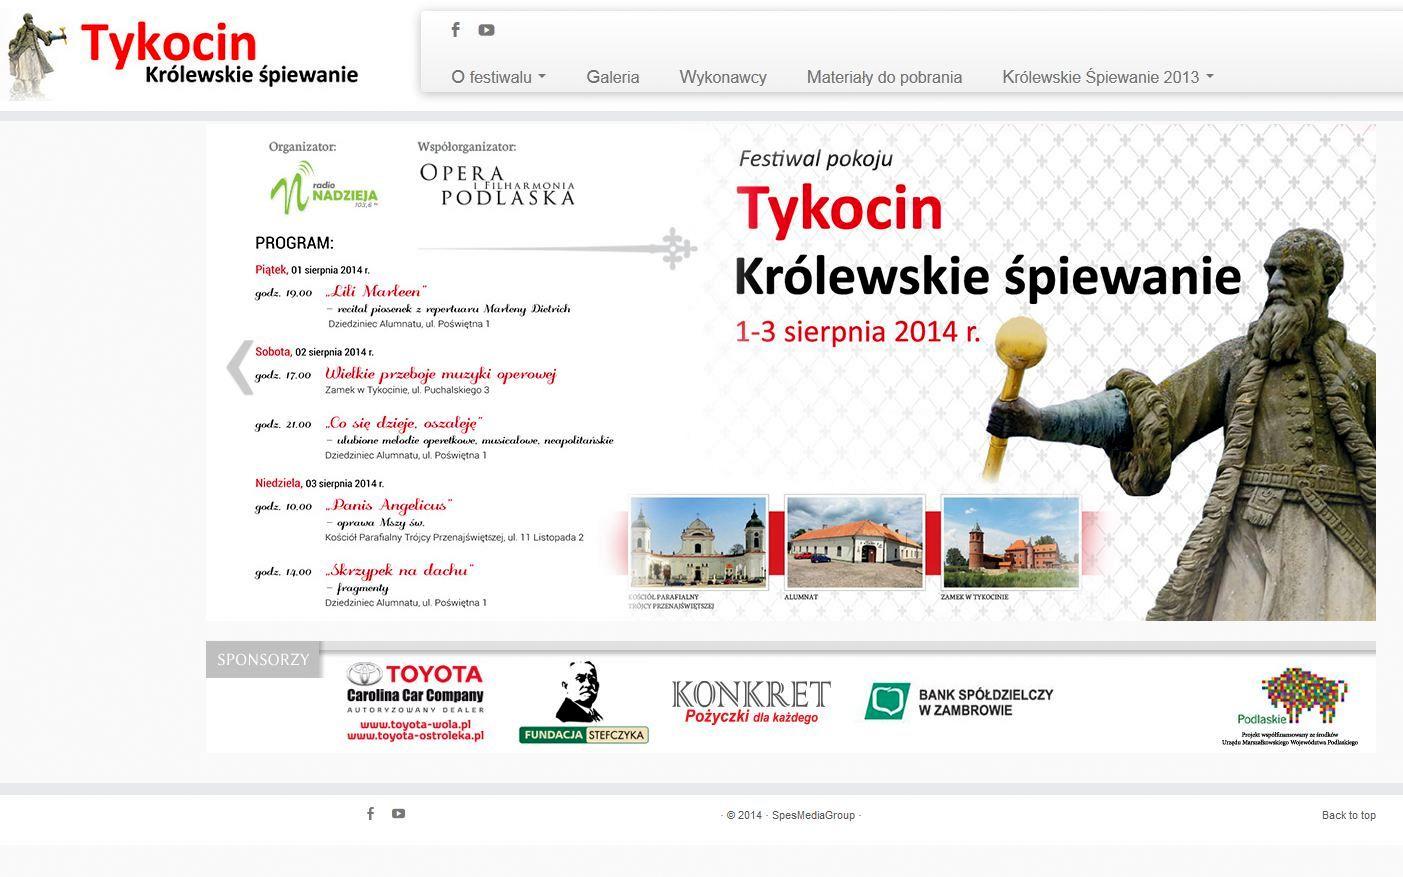 www.tykocin.radionadzieja.pl